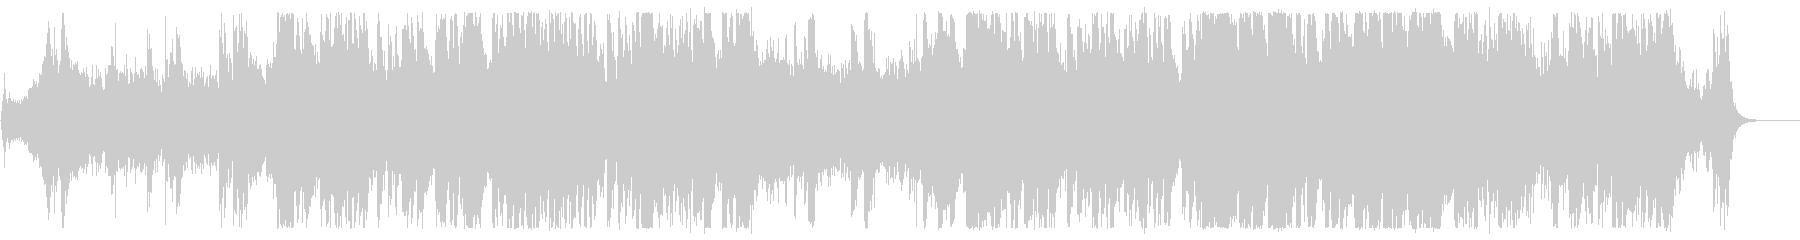 シネマティックトレーラーBGM2の未再生の波形